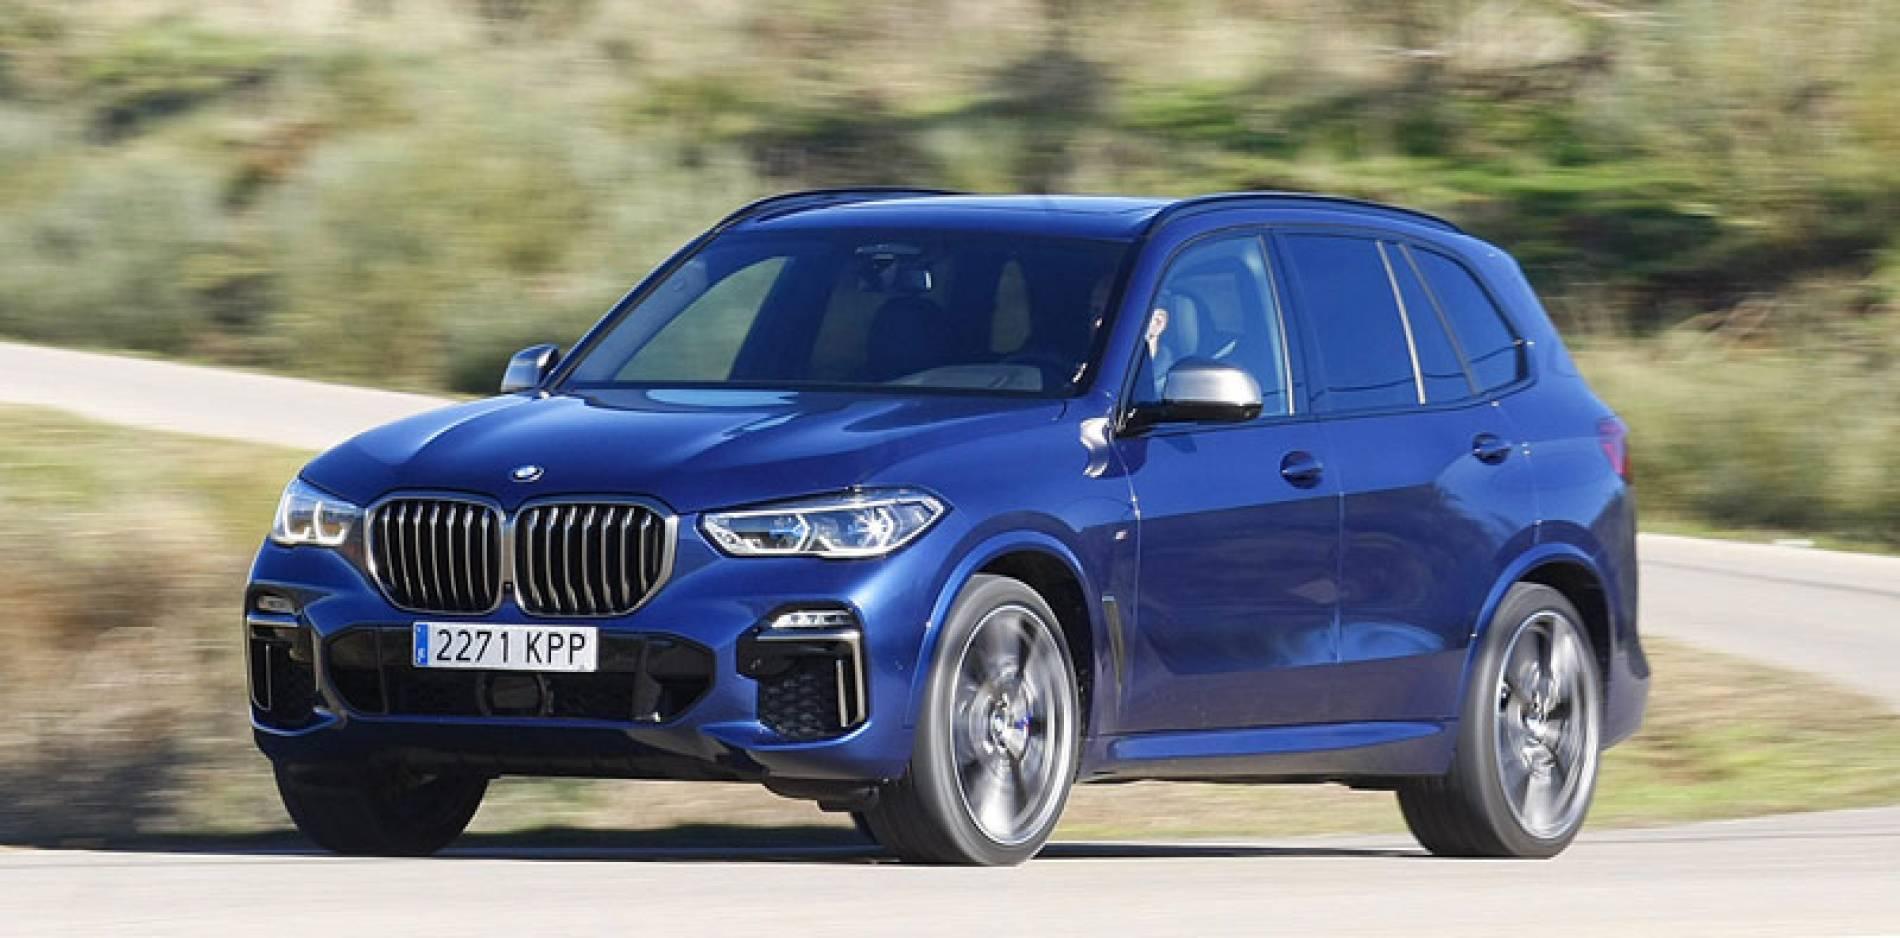 Poderosa excelencia, a los mandos del BMW X5 M50d